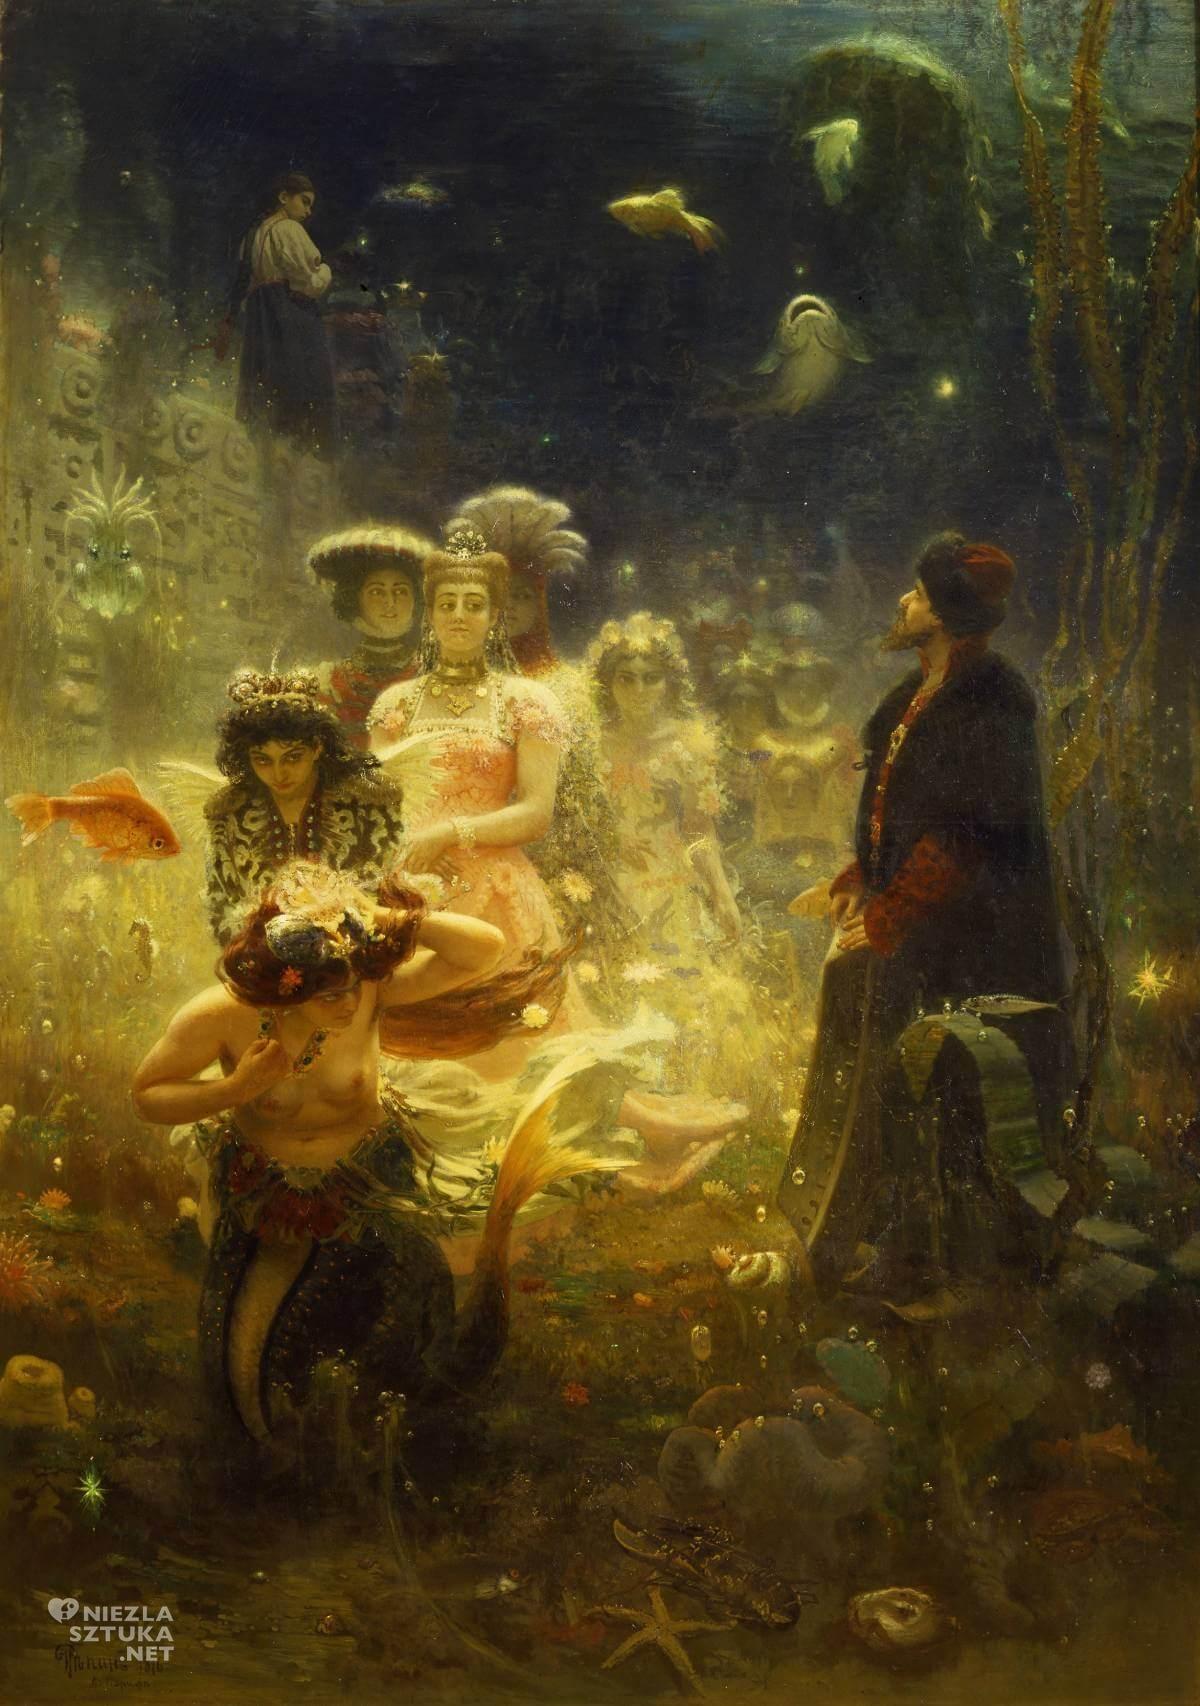 Ilja Repin, Sadko w podwodnym królestwie, sztuka rosyjska, malarstwo rosyjskie, Niezła Sztuka